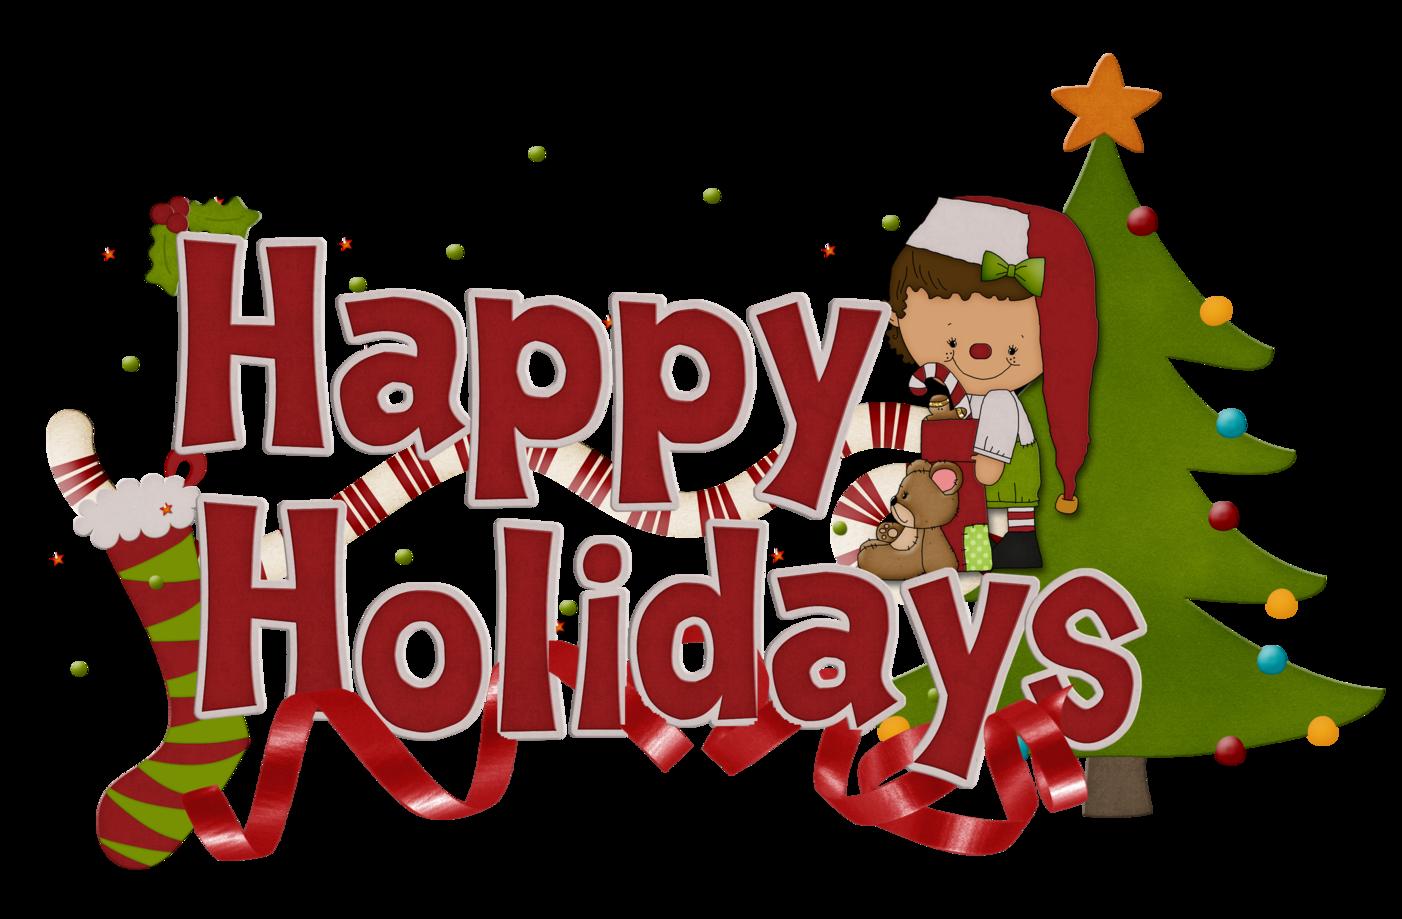 Happy Holidays Clip Art Free - Holiday Clip Art Free